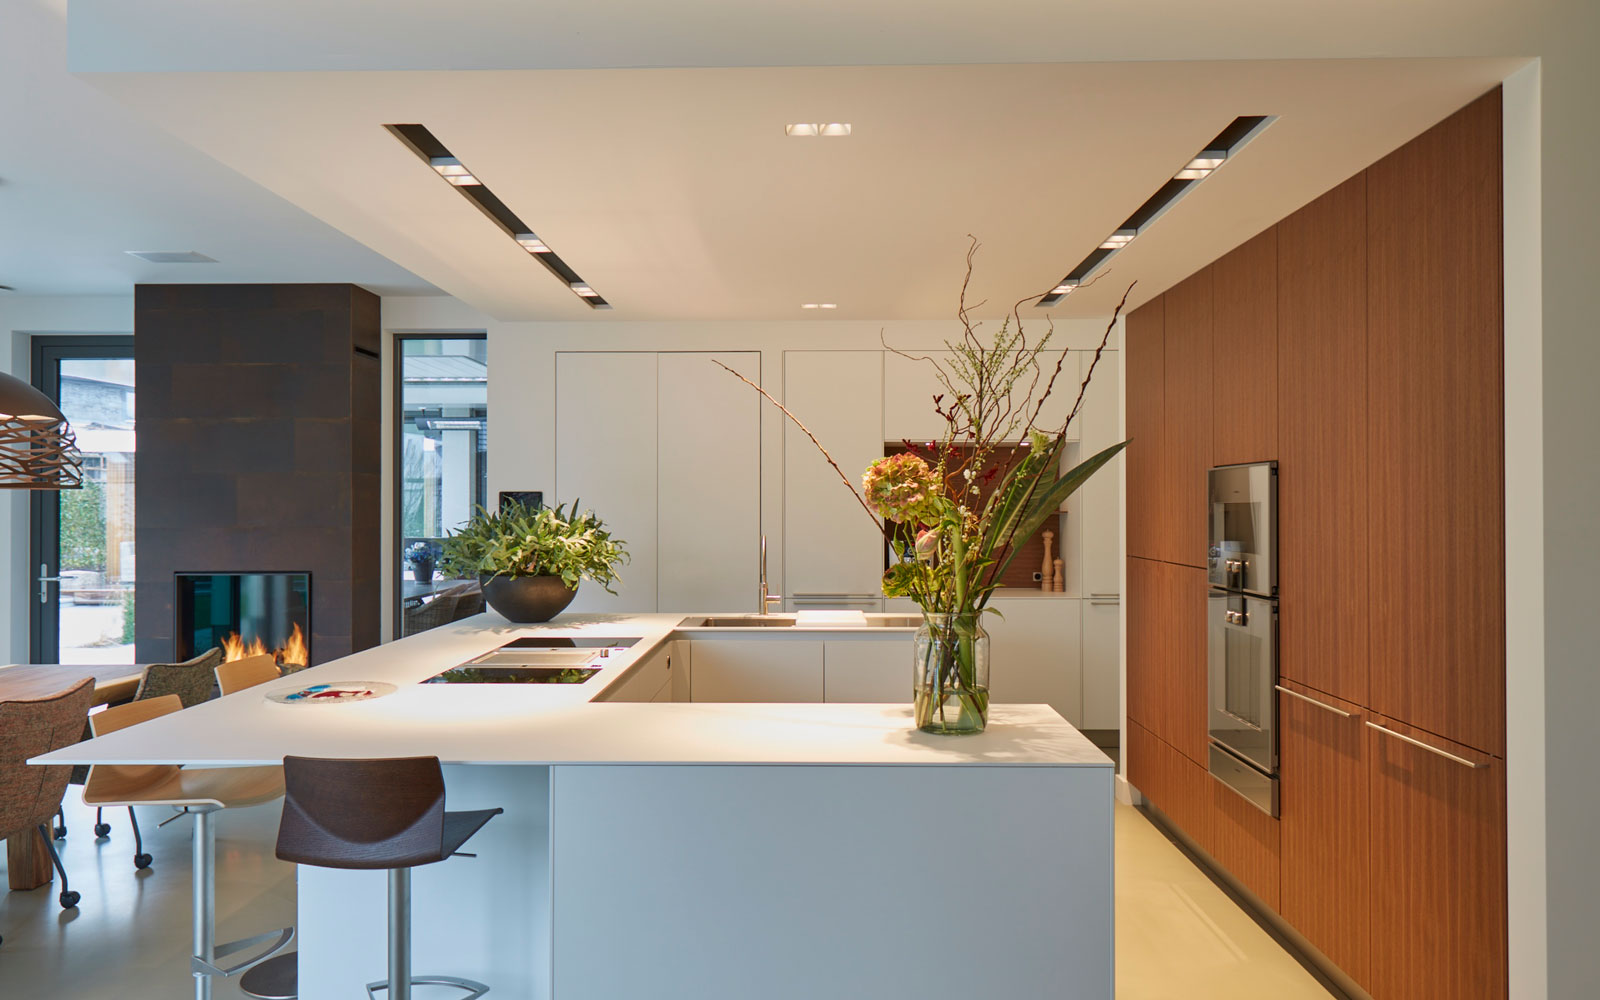 Keuken ontwerpen, bulthaup, Wolfs Architecten, the art of living